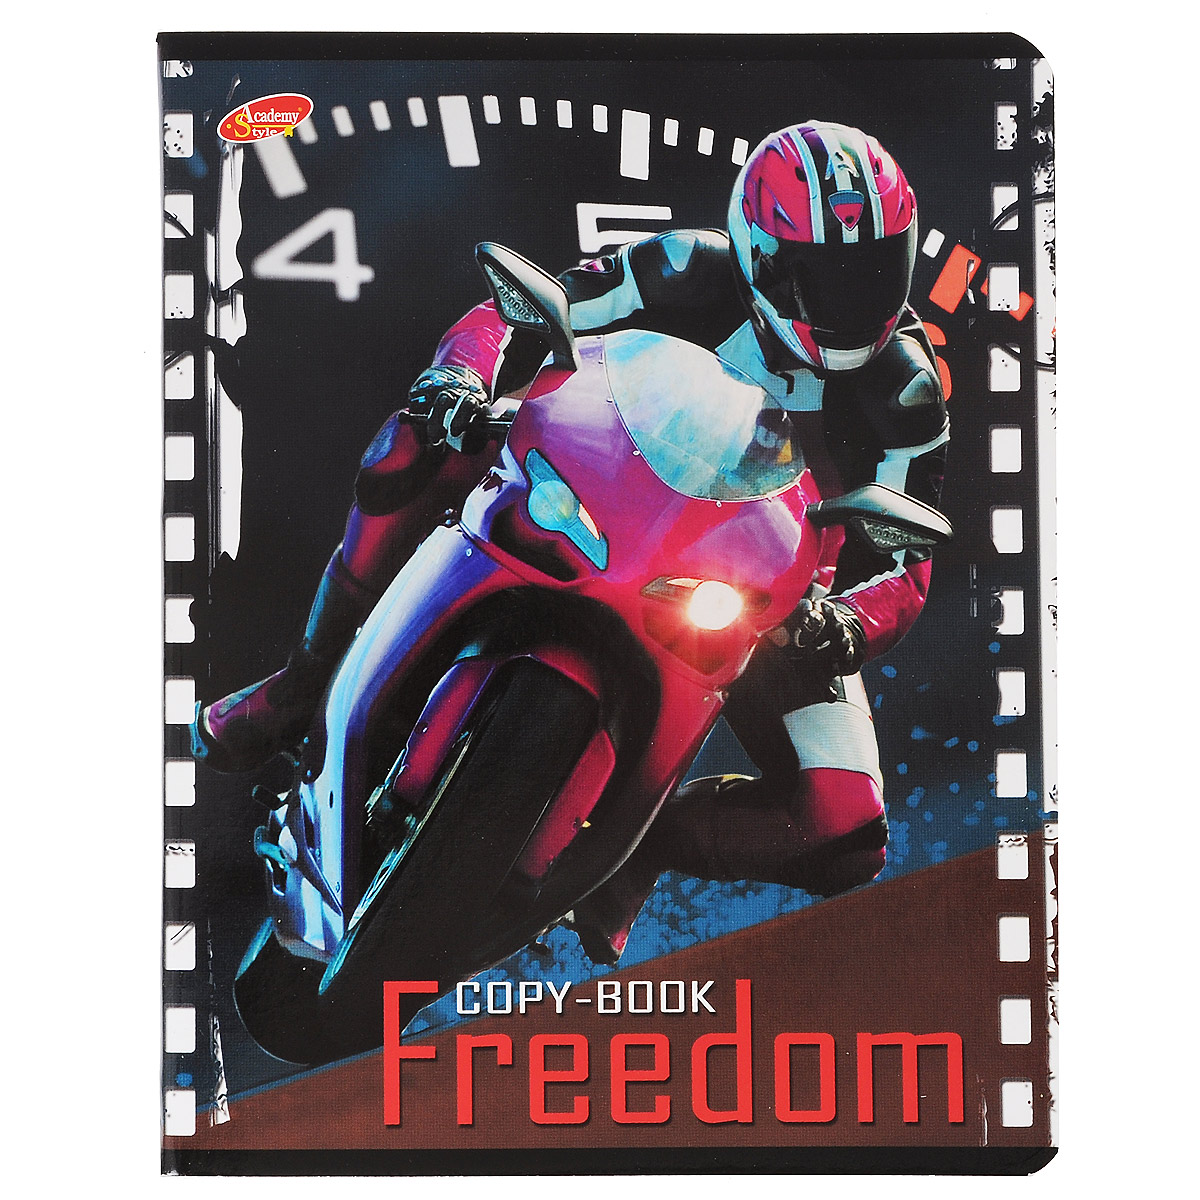 Тетрадь Freedom Мотоцикл, 80 листов, формат А5, цвет: розовый72523WDТетрадь в клетку Freedom Мотоцикл с красочным изображением мотоцикла на обложке подойдет как студенту, так и школьнику. Обложка тетради с закругленными углами выполнена из картона. Внутренний блок состоит из 80 листов белой бумаги. Стандартная линовка в клетку дополнена полями, совпадающими с лицевой и оборотной стороны листа.